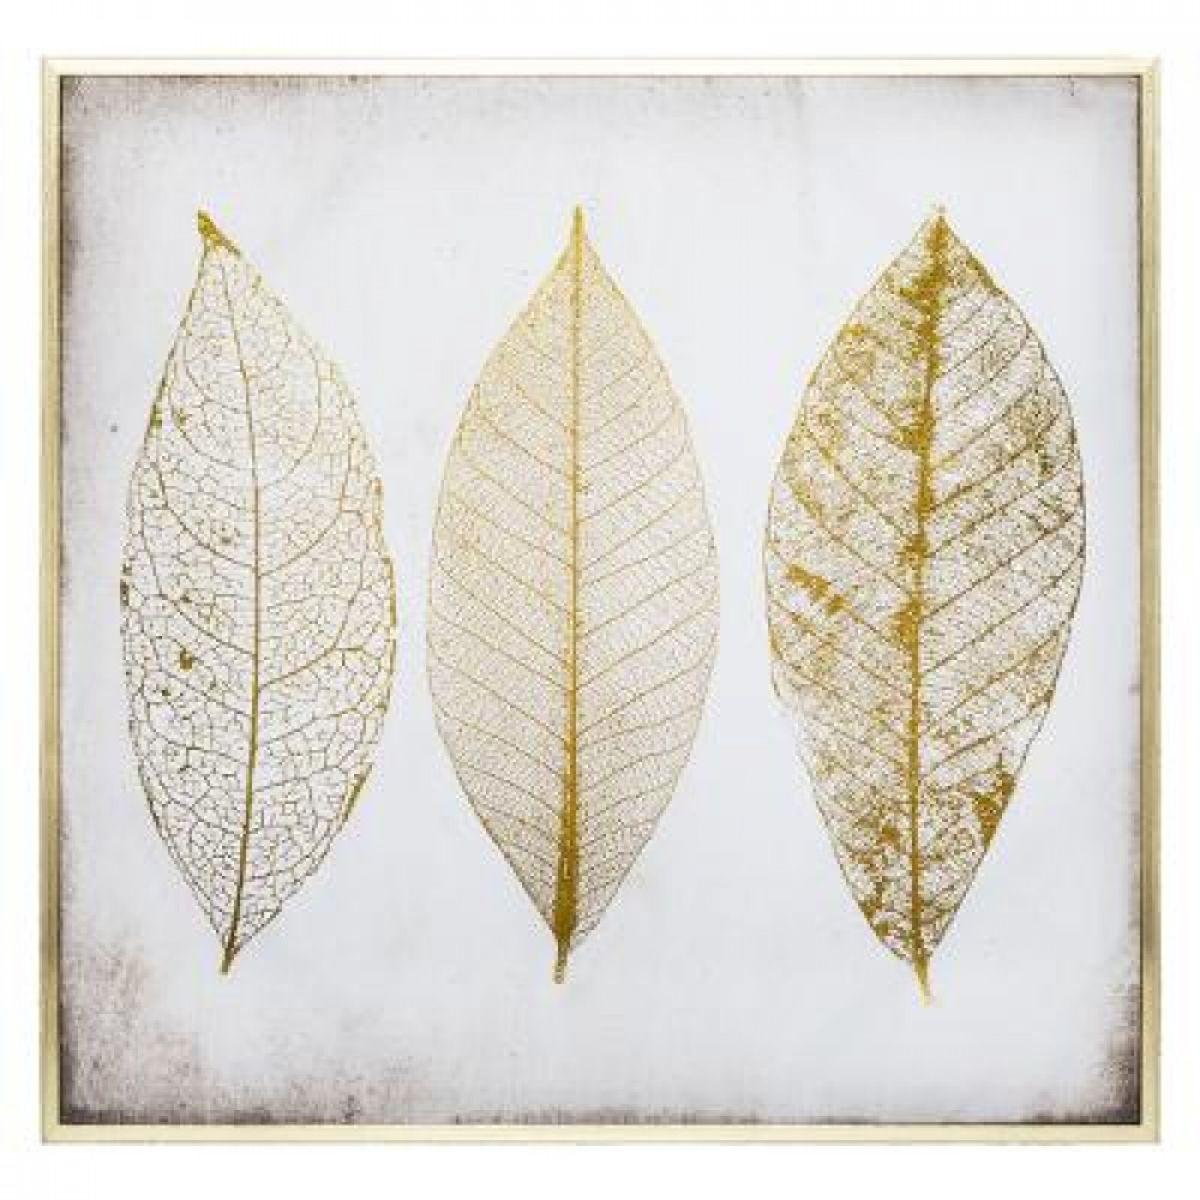 Πίνακας φύλλα 58x58cm σε καμβά, λευκό χρυσό. Κορνίζα πλαστική χρυσή.